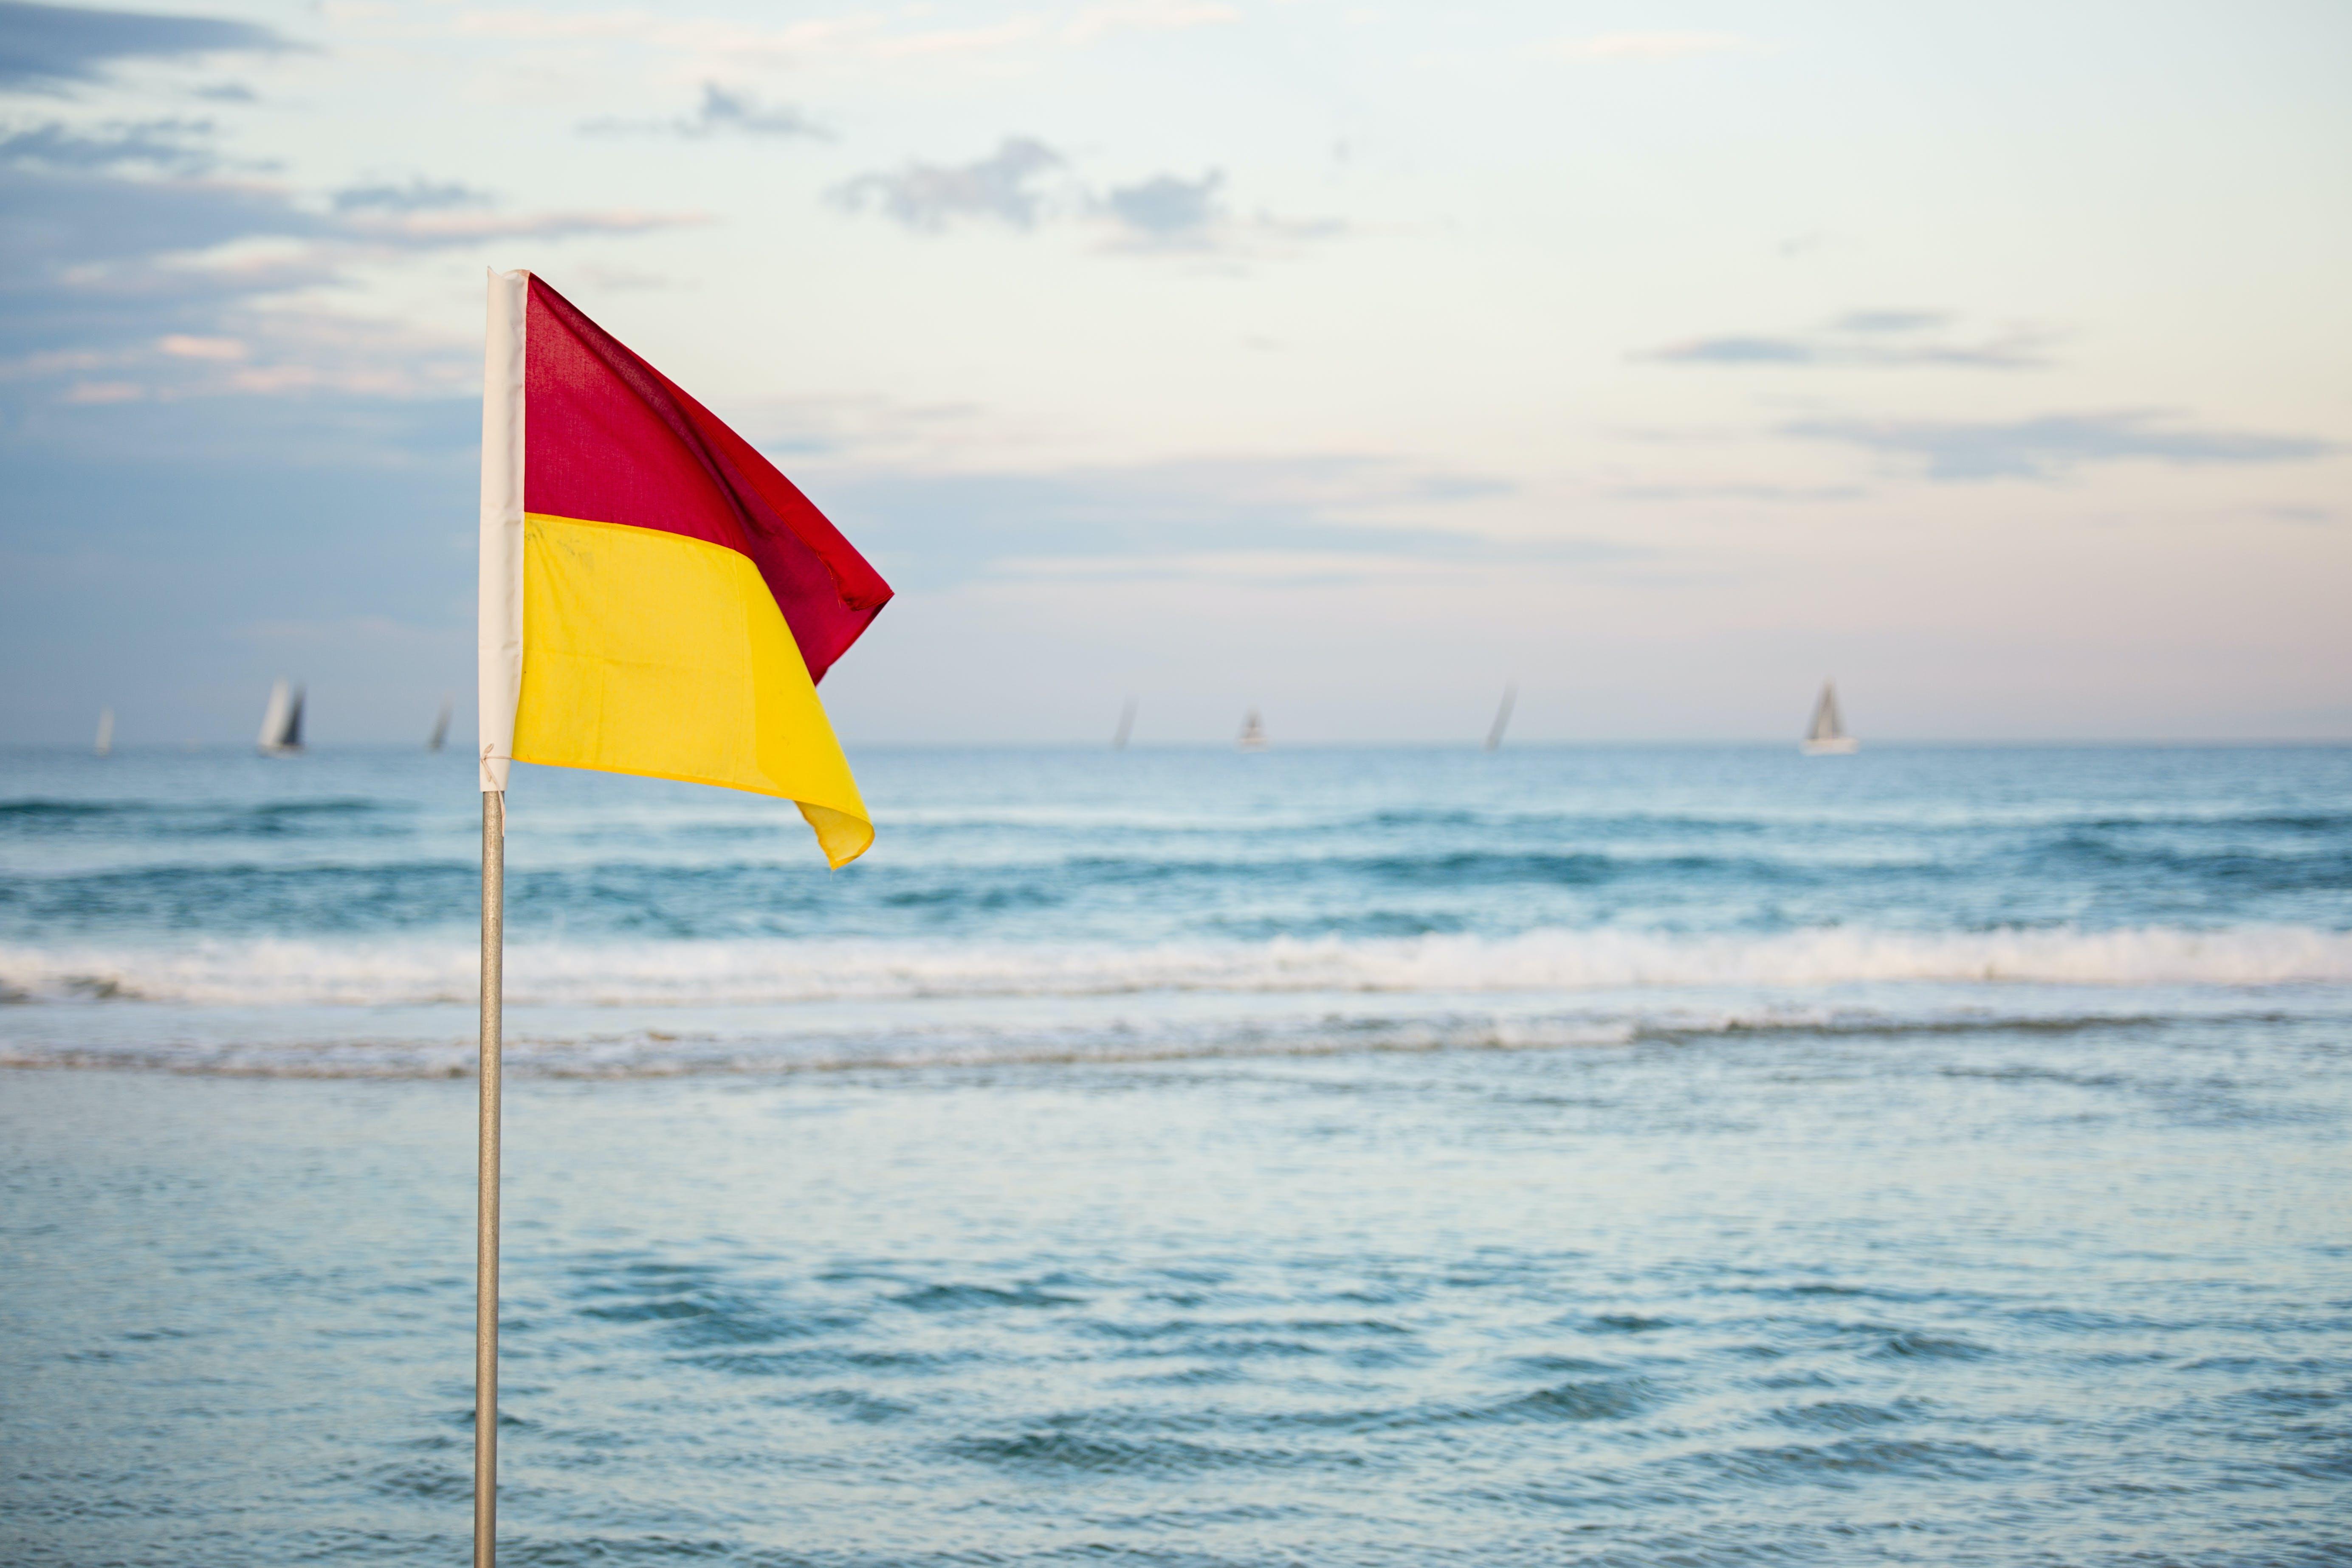 ακτή, Αυστραλία, θάλασσα